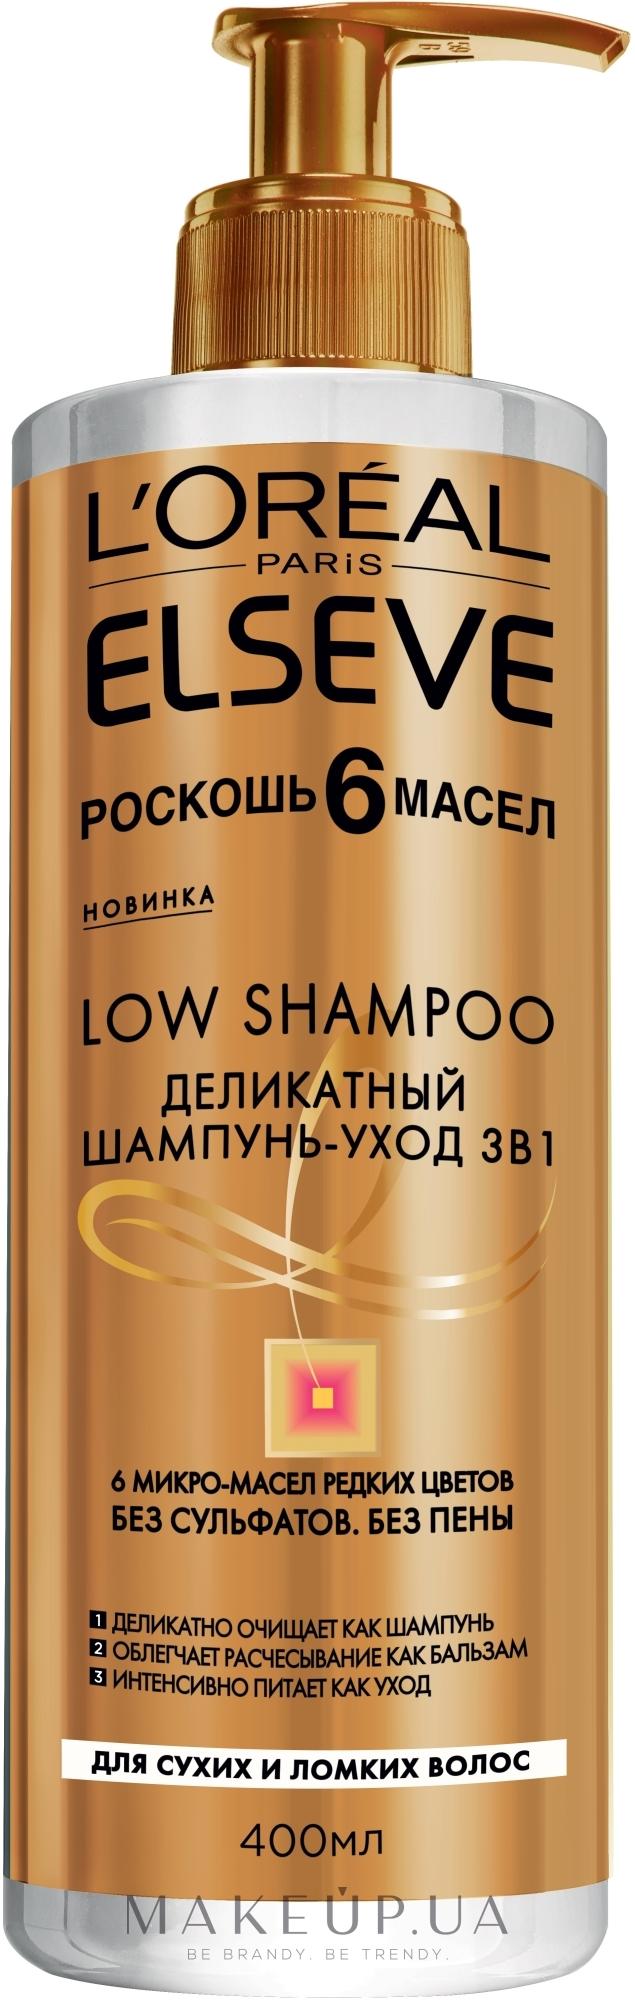 """Деликатный шампунь-уход для сухих и ломких волос 3в1 """"Роскошь 6 масел"""" - L'Oreal Paris Elseve Low Shampoo — фото 400ml"""